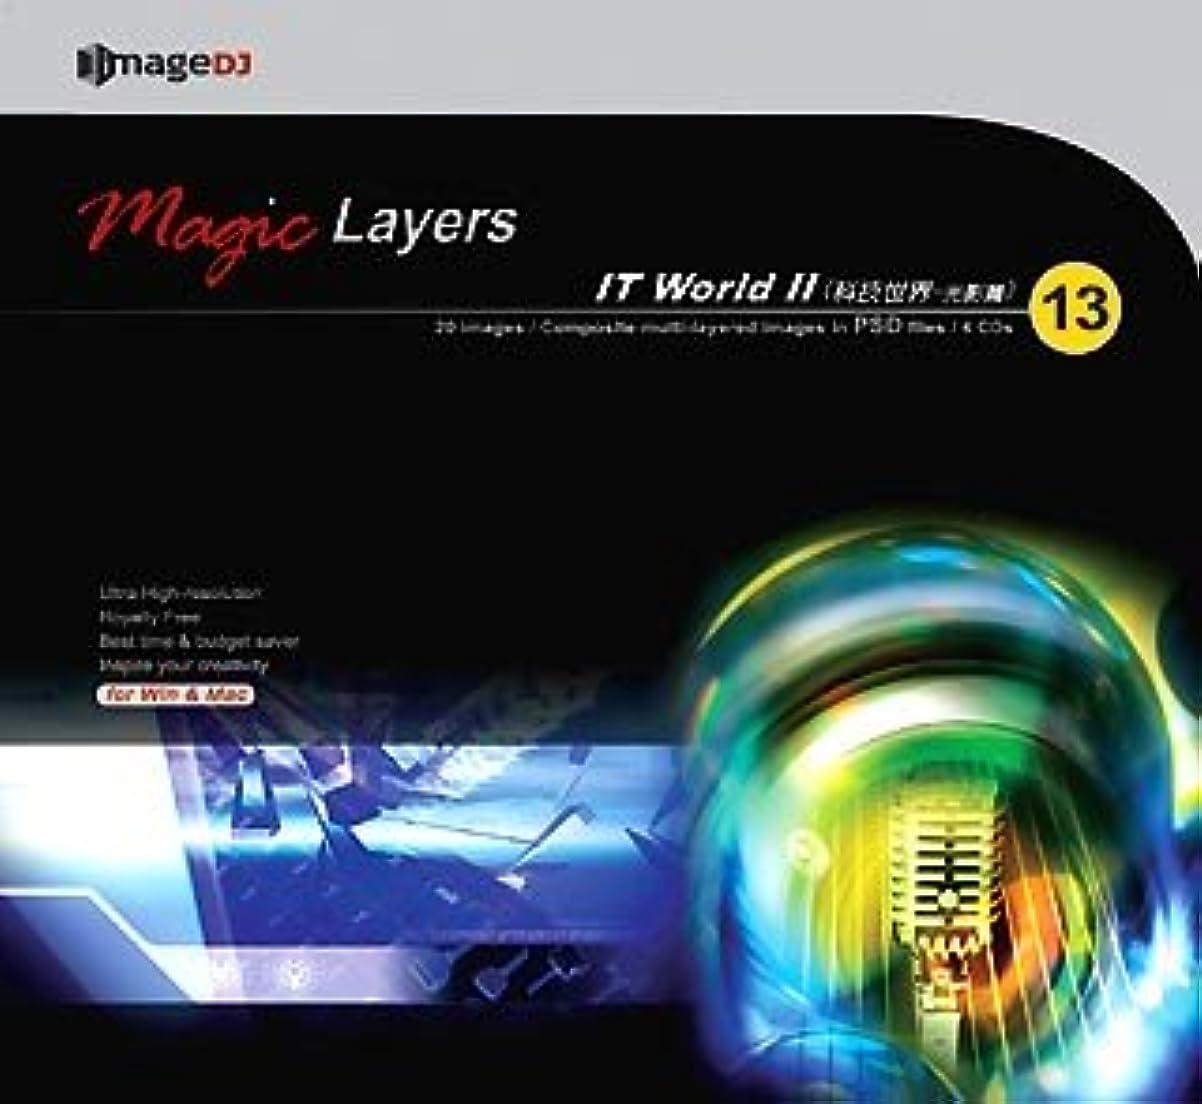 光の浮浪者剥離マジック レイヤー Vol.13 IT世界2